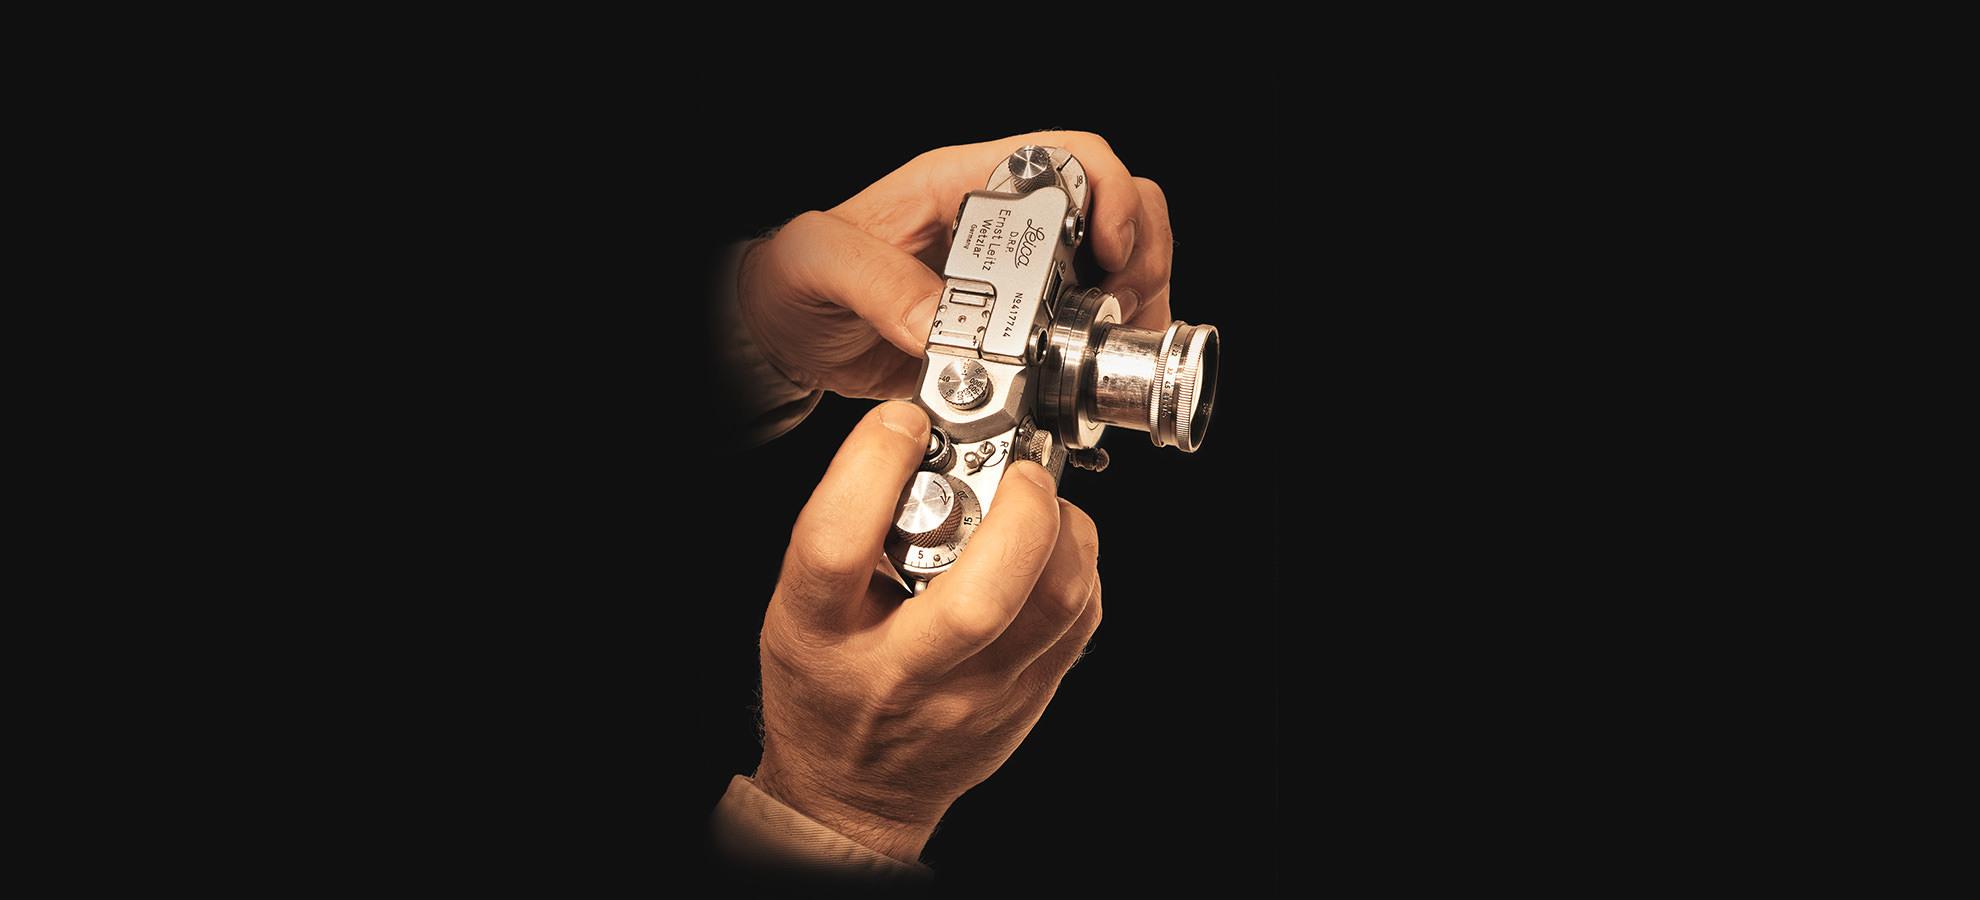 hands-tamarkin1.jpg